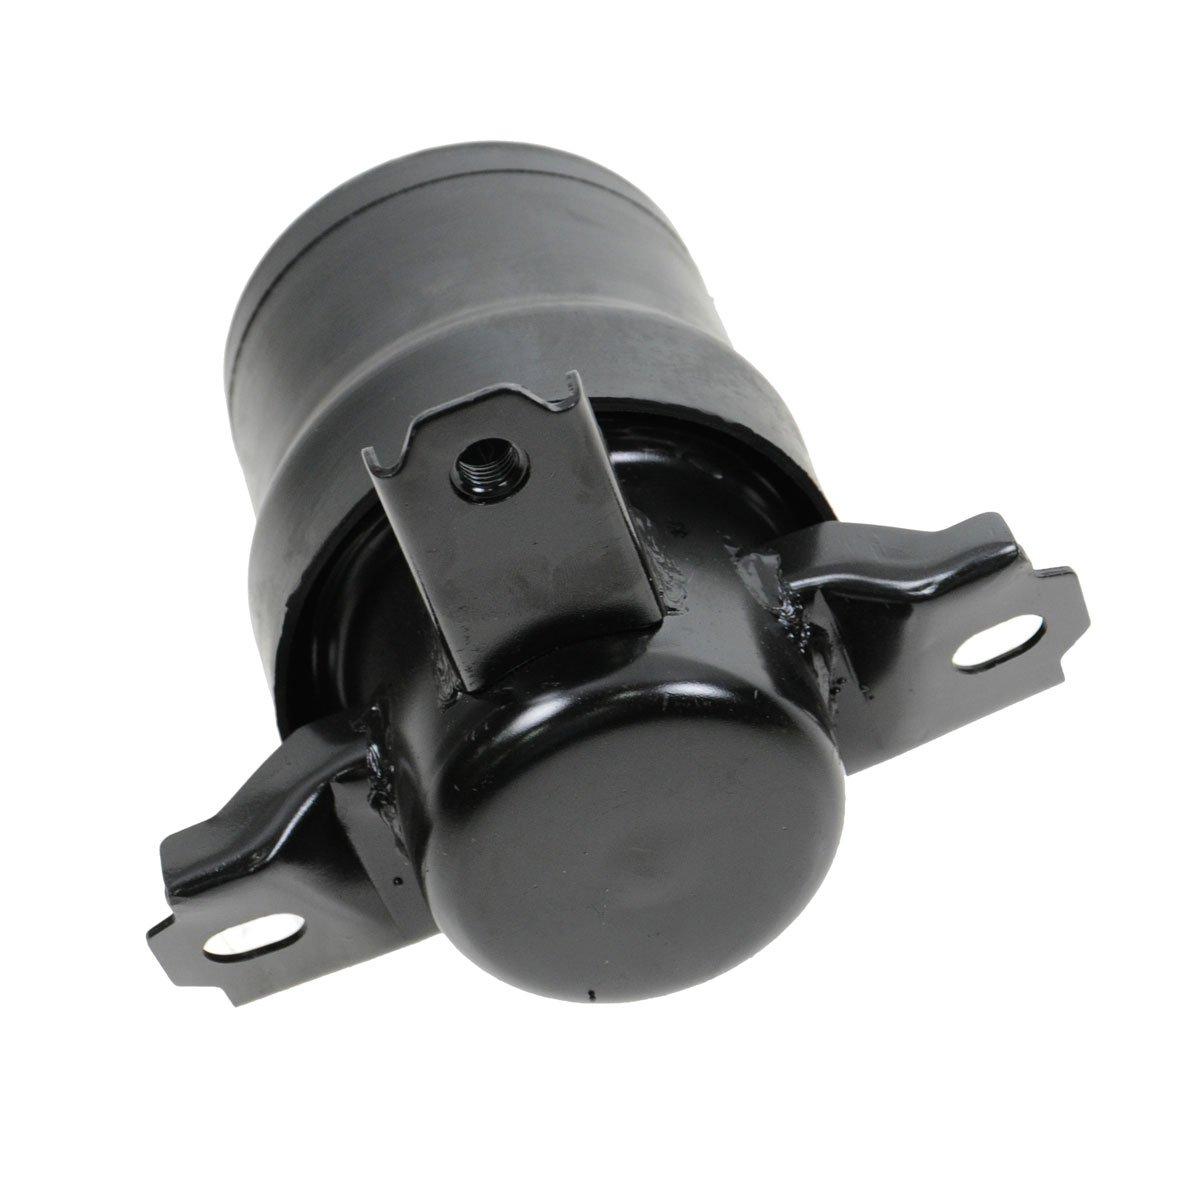 Engine Motor Transmission Mount Set Kit for 94-96 Camry ES300 V6 3.0L AT Auto